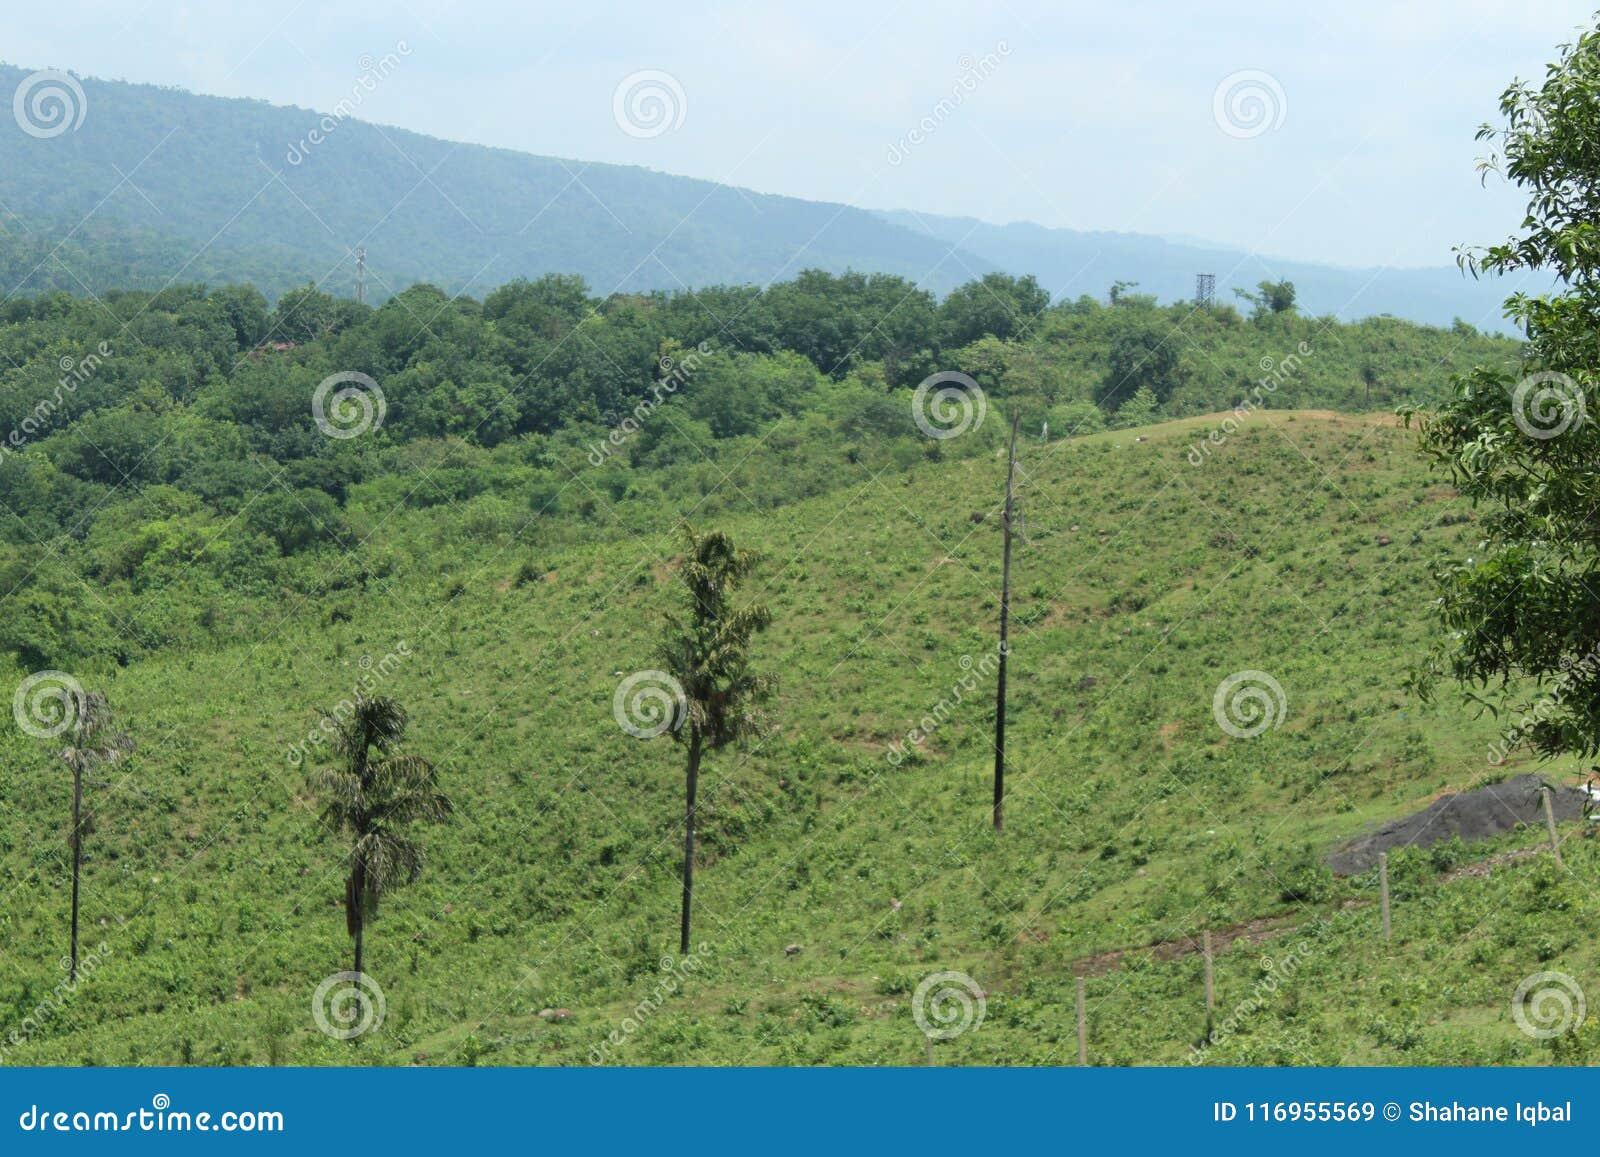 Natural beauty stock image  Image of bangladesh, natural